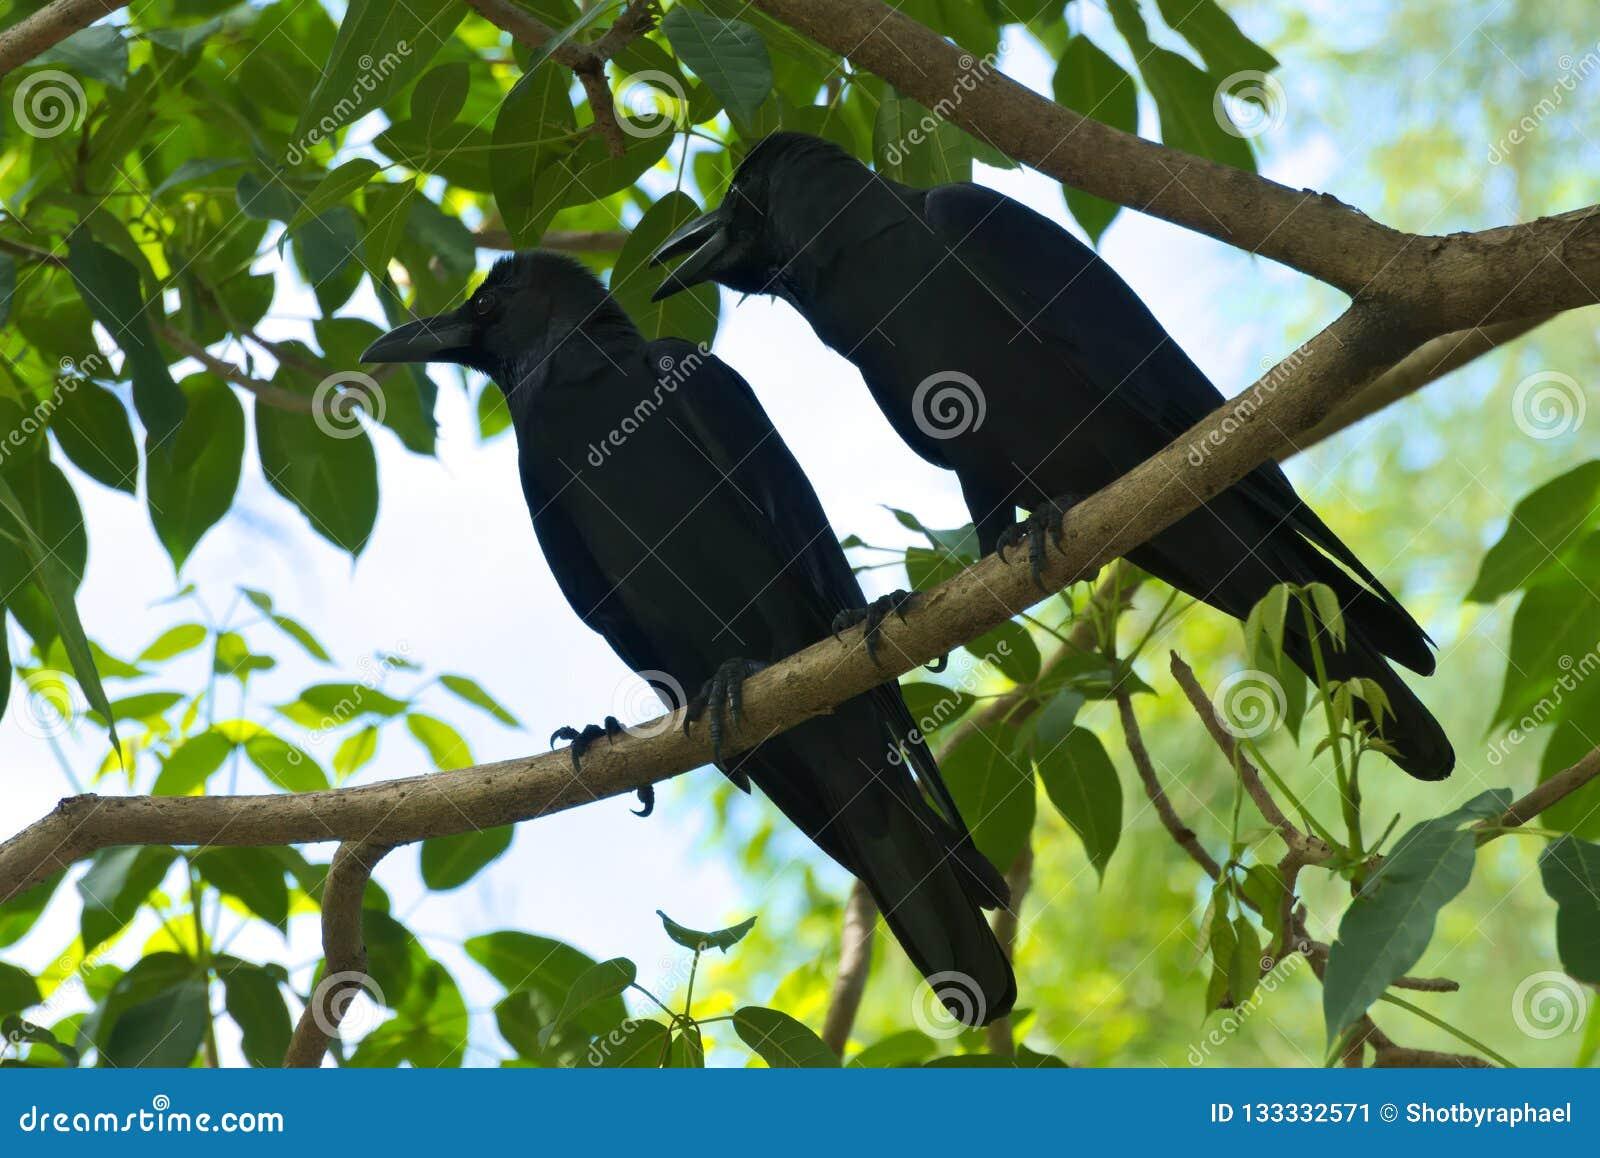 Ett svart fågelpar som argumenterar med de, högt upp i ett härligt grönt träd